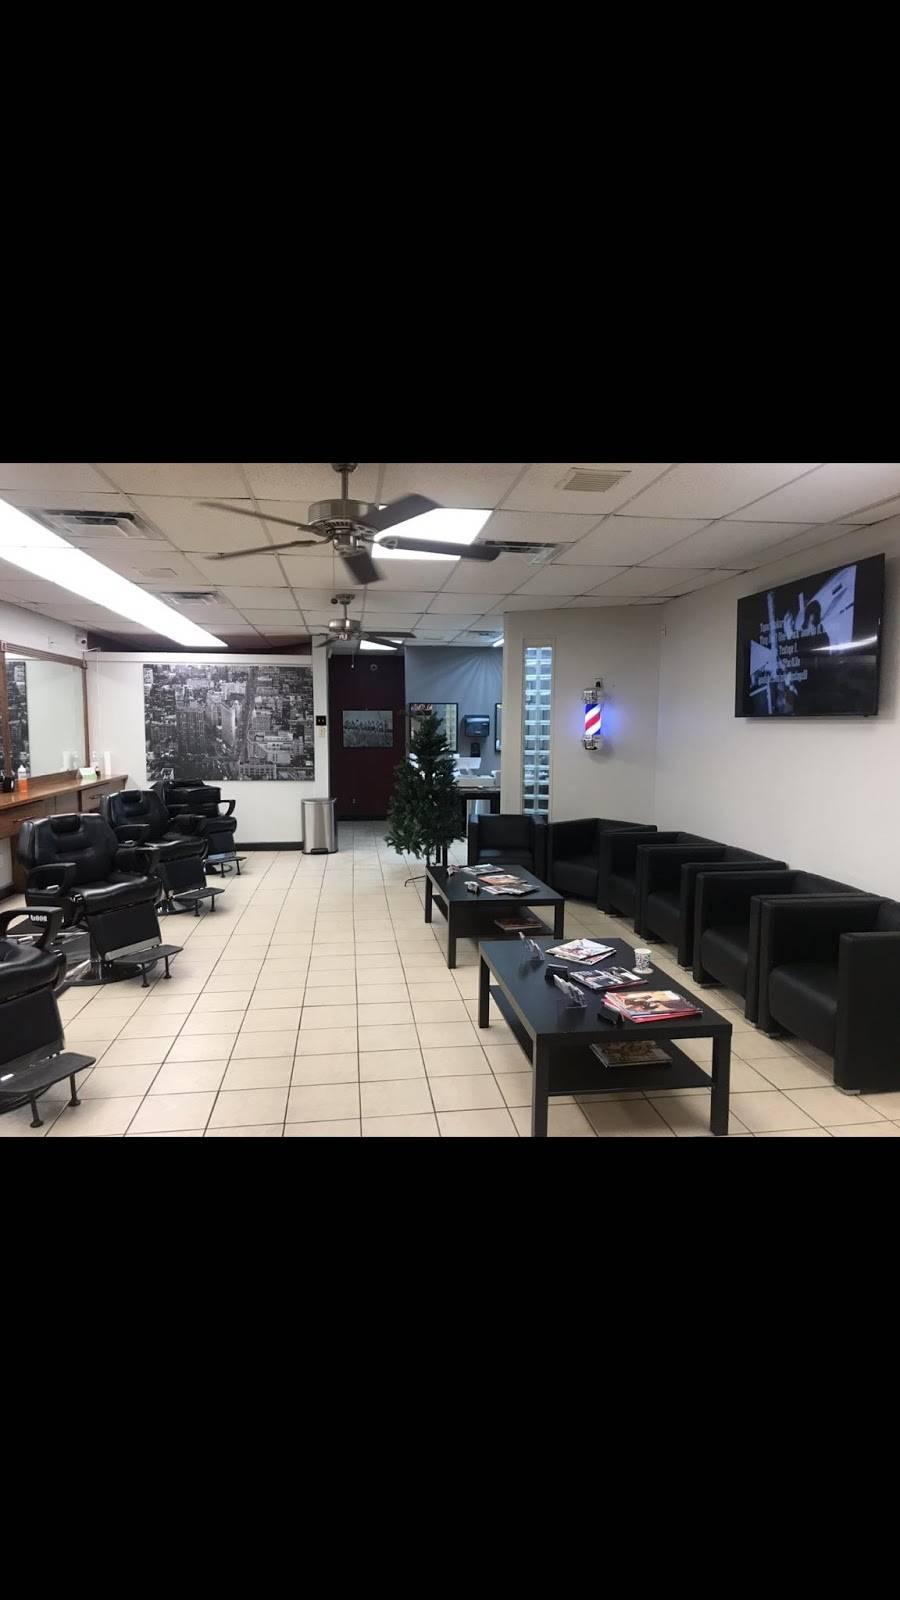 Goodfella's master barber shop, 9 9th St N, St. Petersburg, FL ...